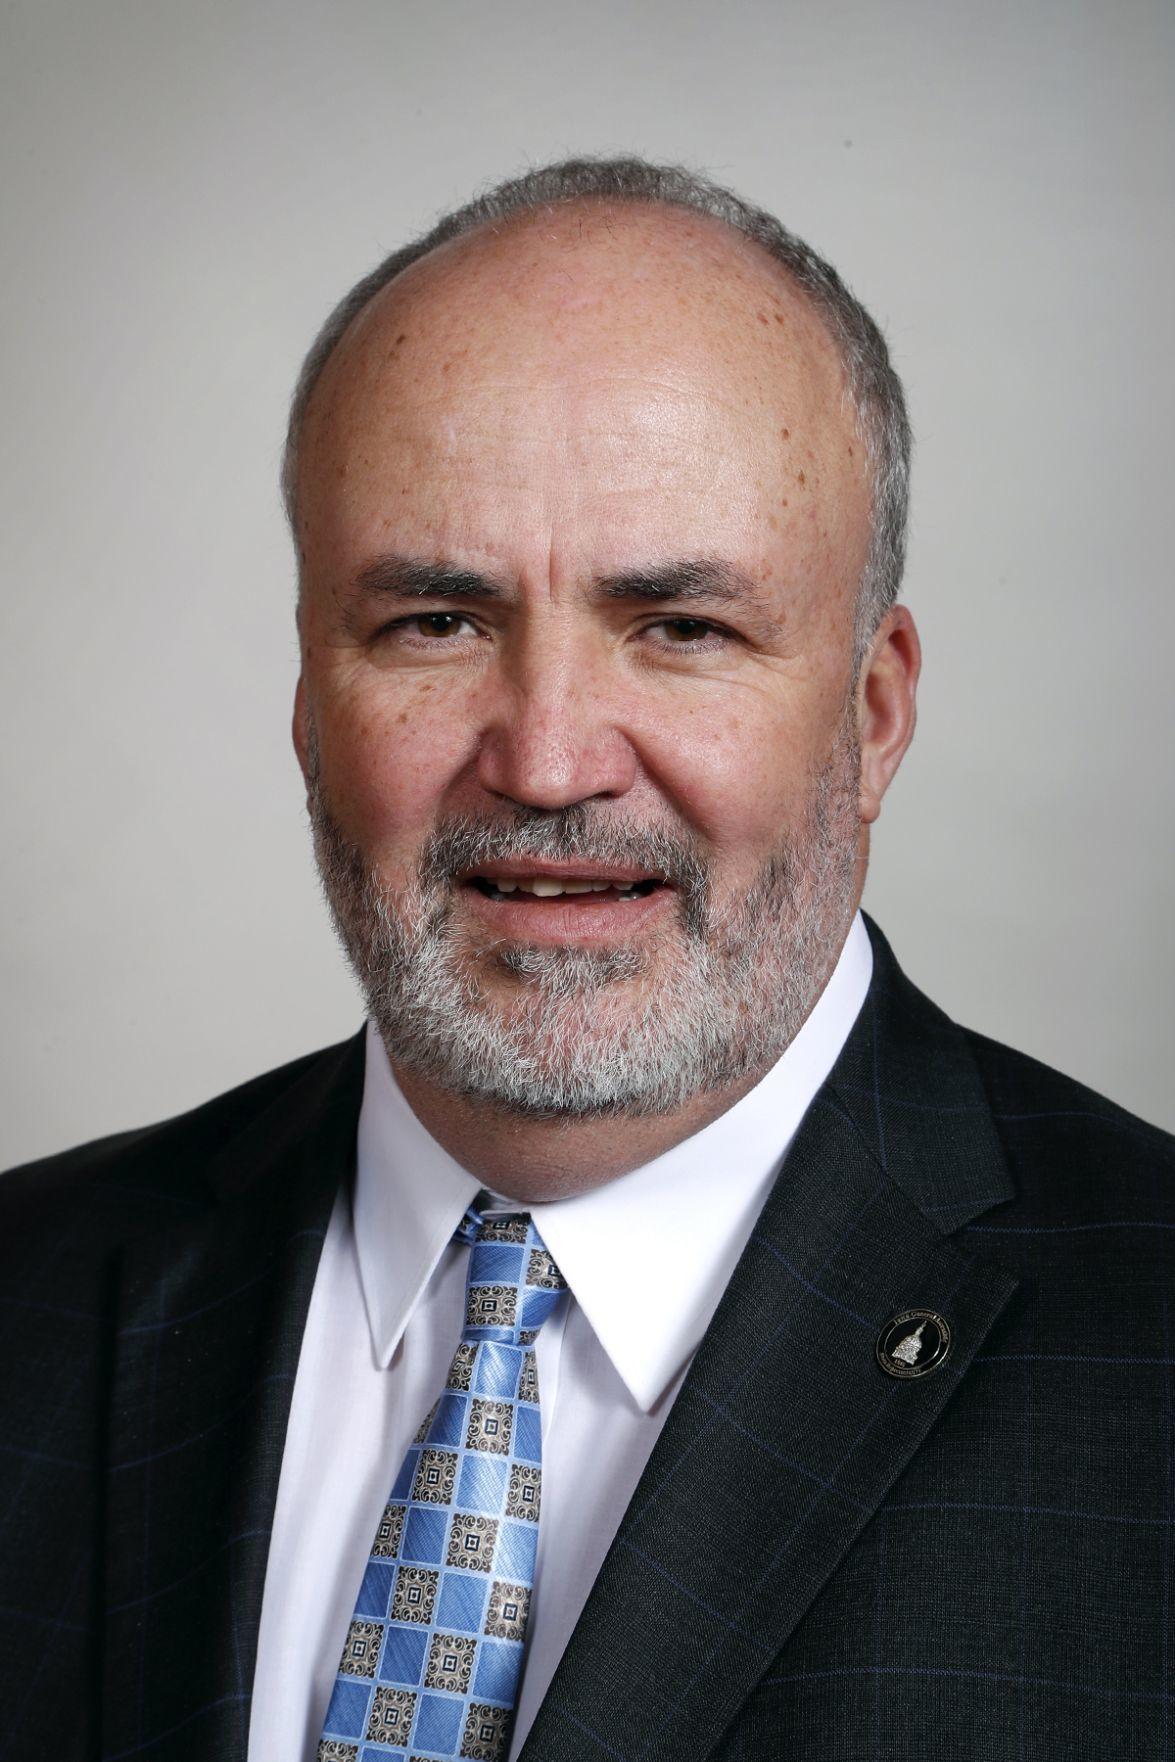 Rep. Jim Carlin